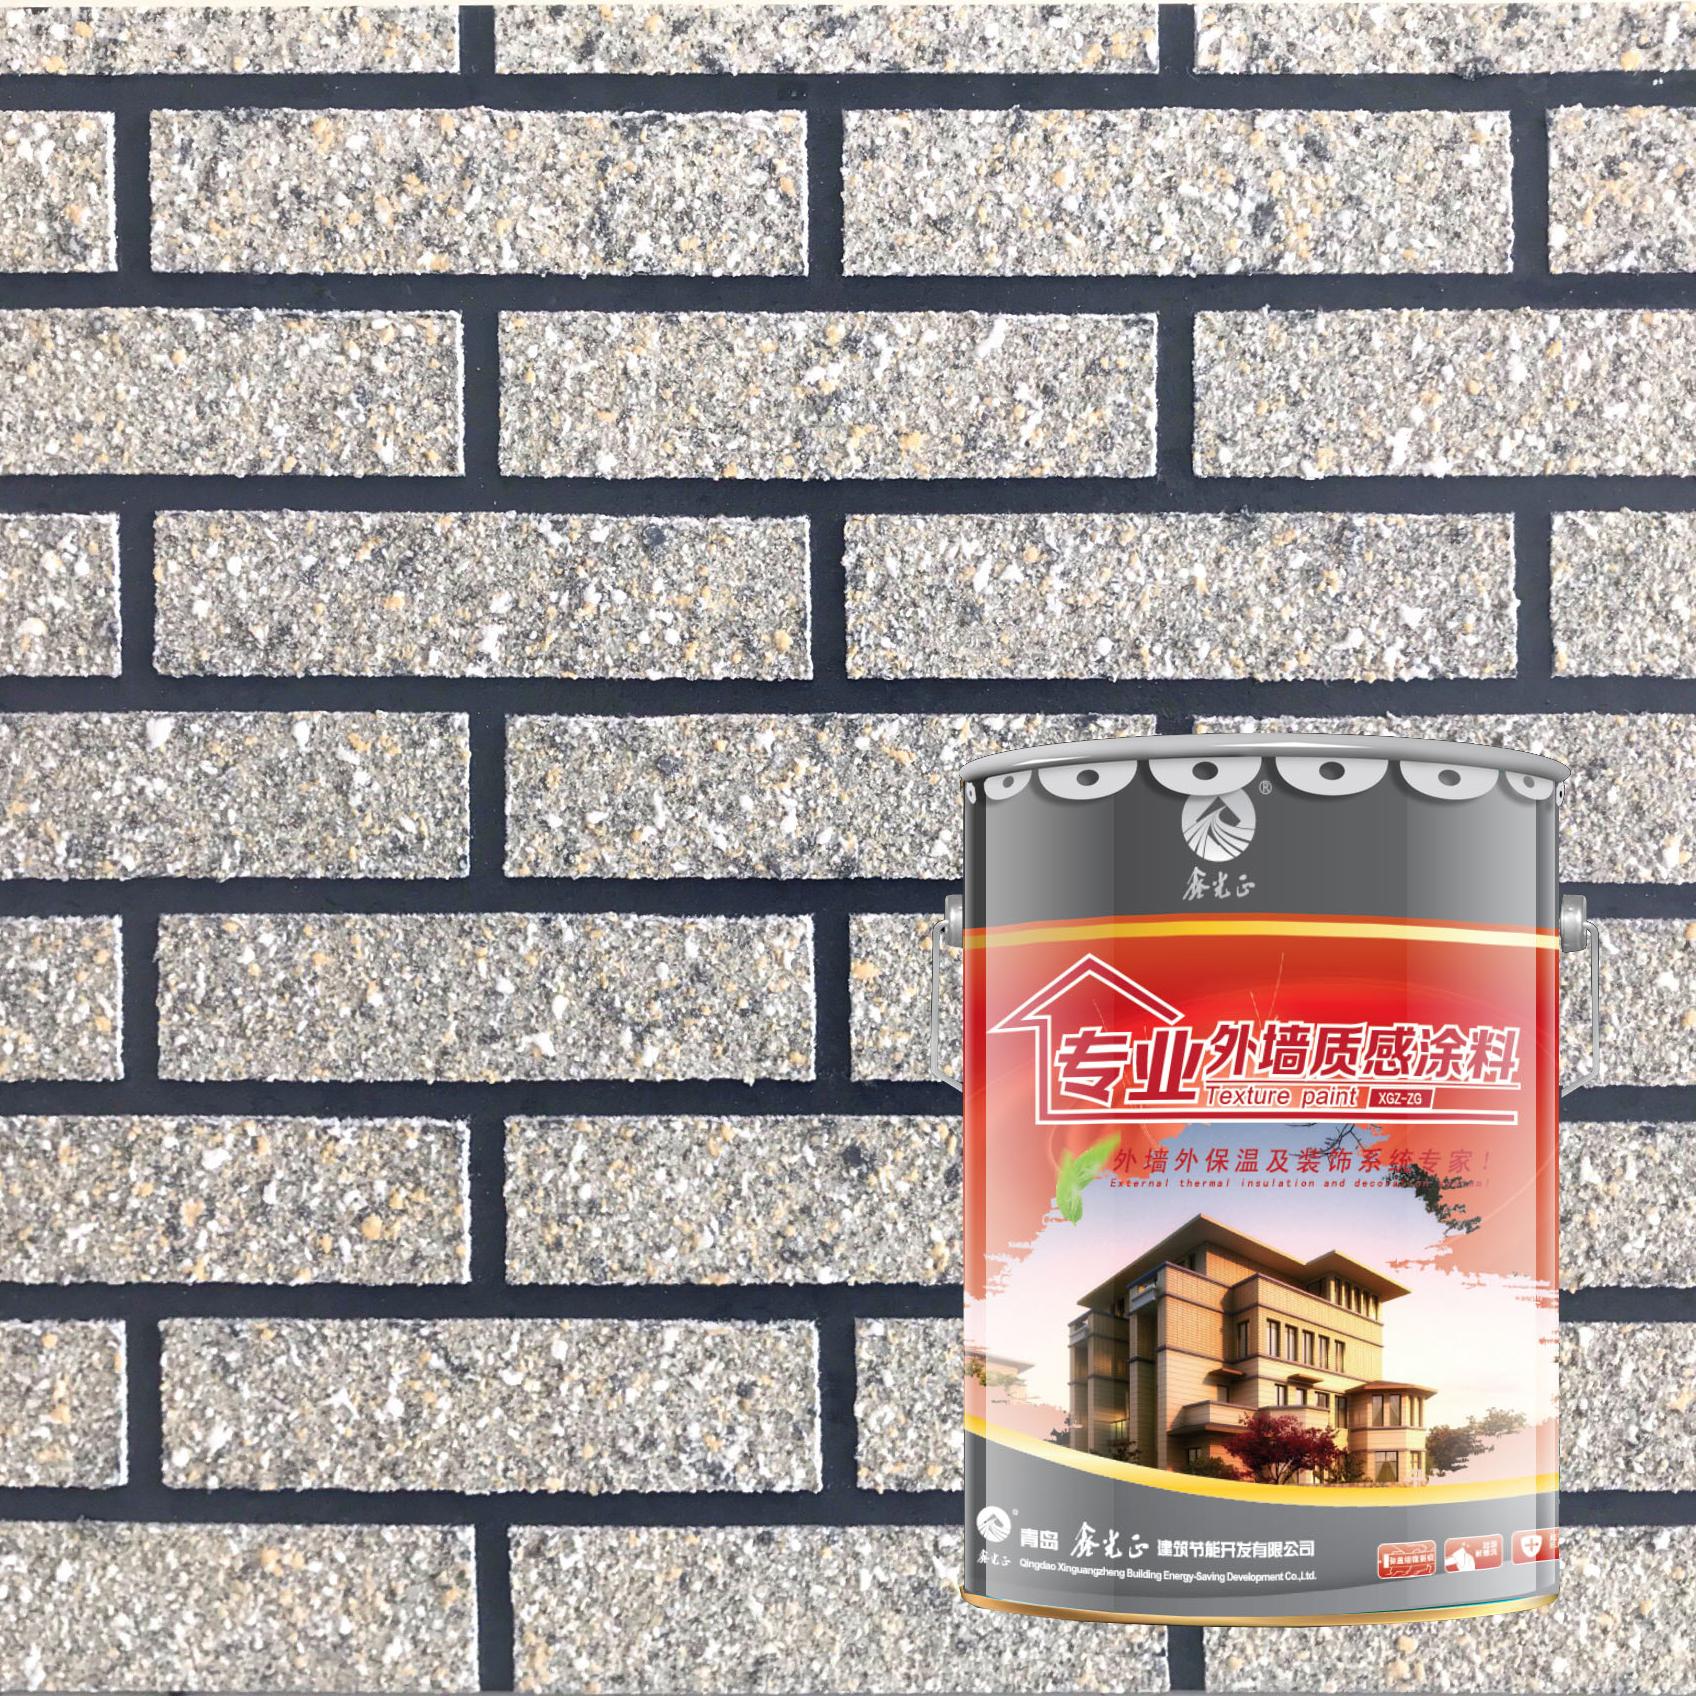 Exterior Rough Texture Paint Brick Paint Buy Texture Wall Paint Exterior Rough Texture Paint Exterior Texture Brick Paint Product On Alibaba Com